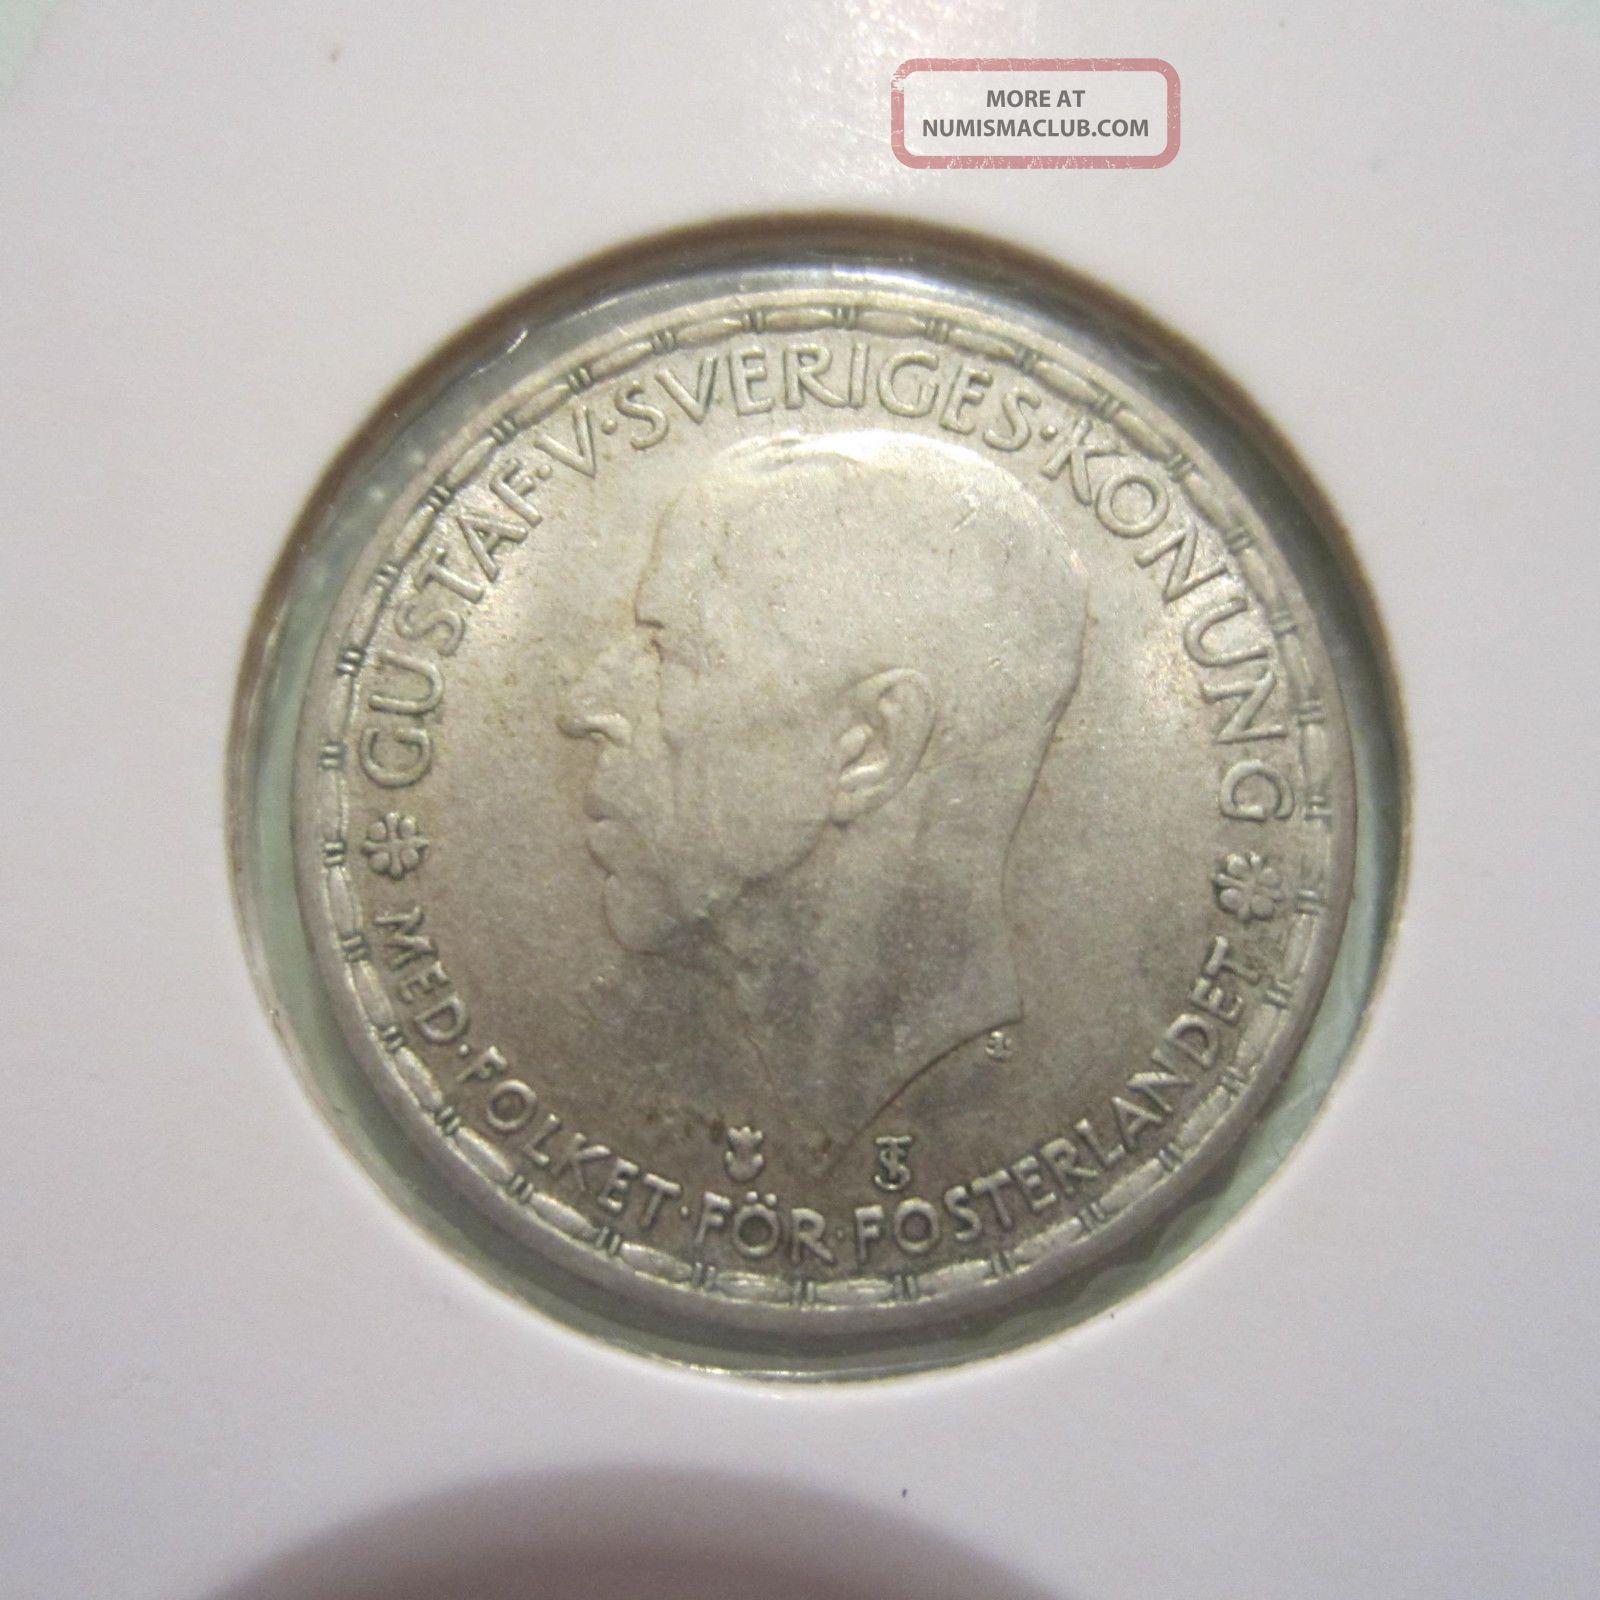 Sweden Krona Silver Coin 1946.